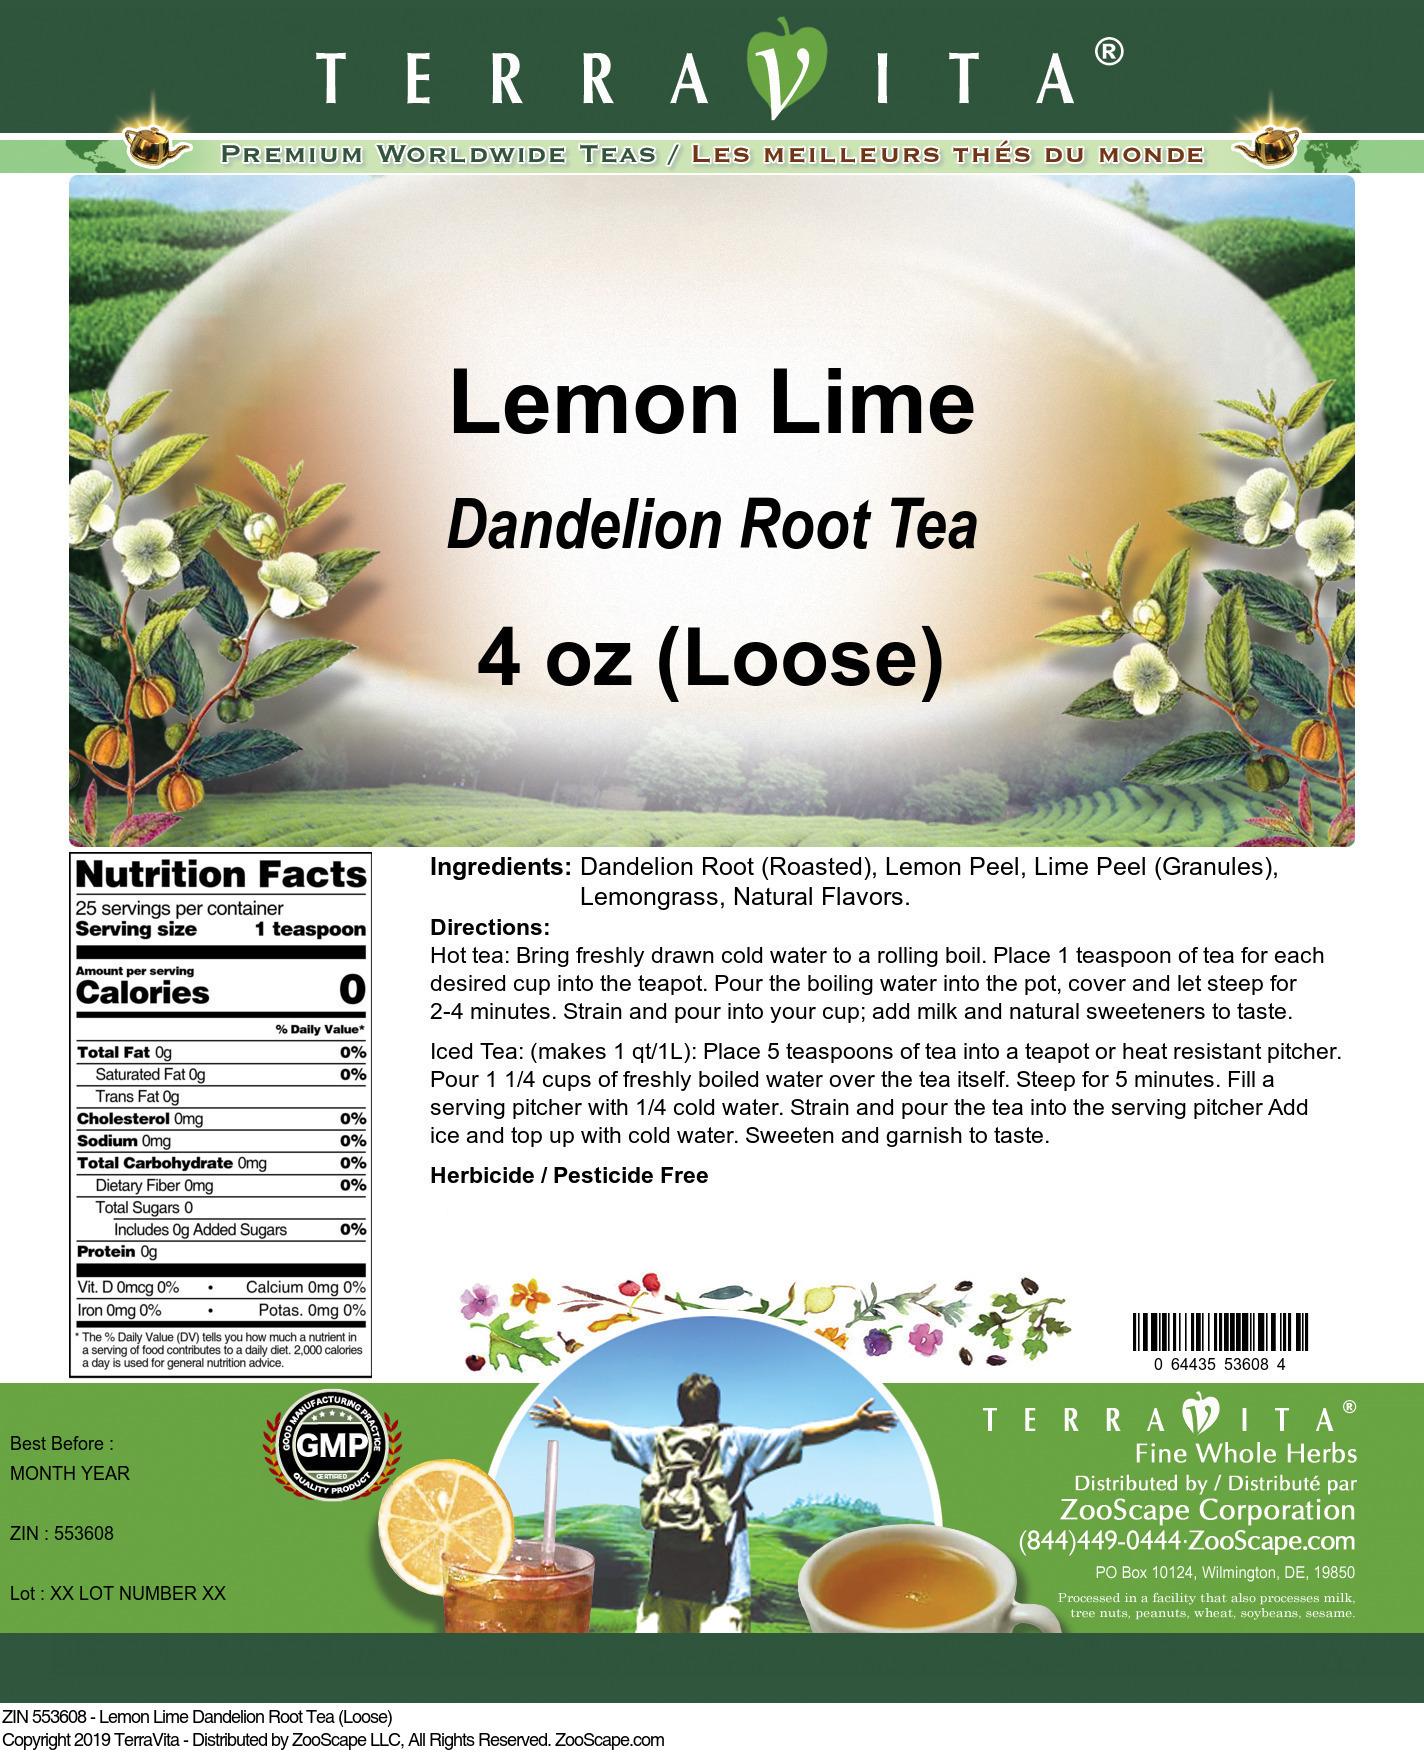 Lemon Lime Dandelion Root